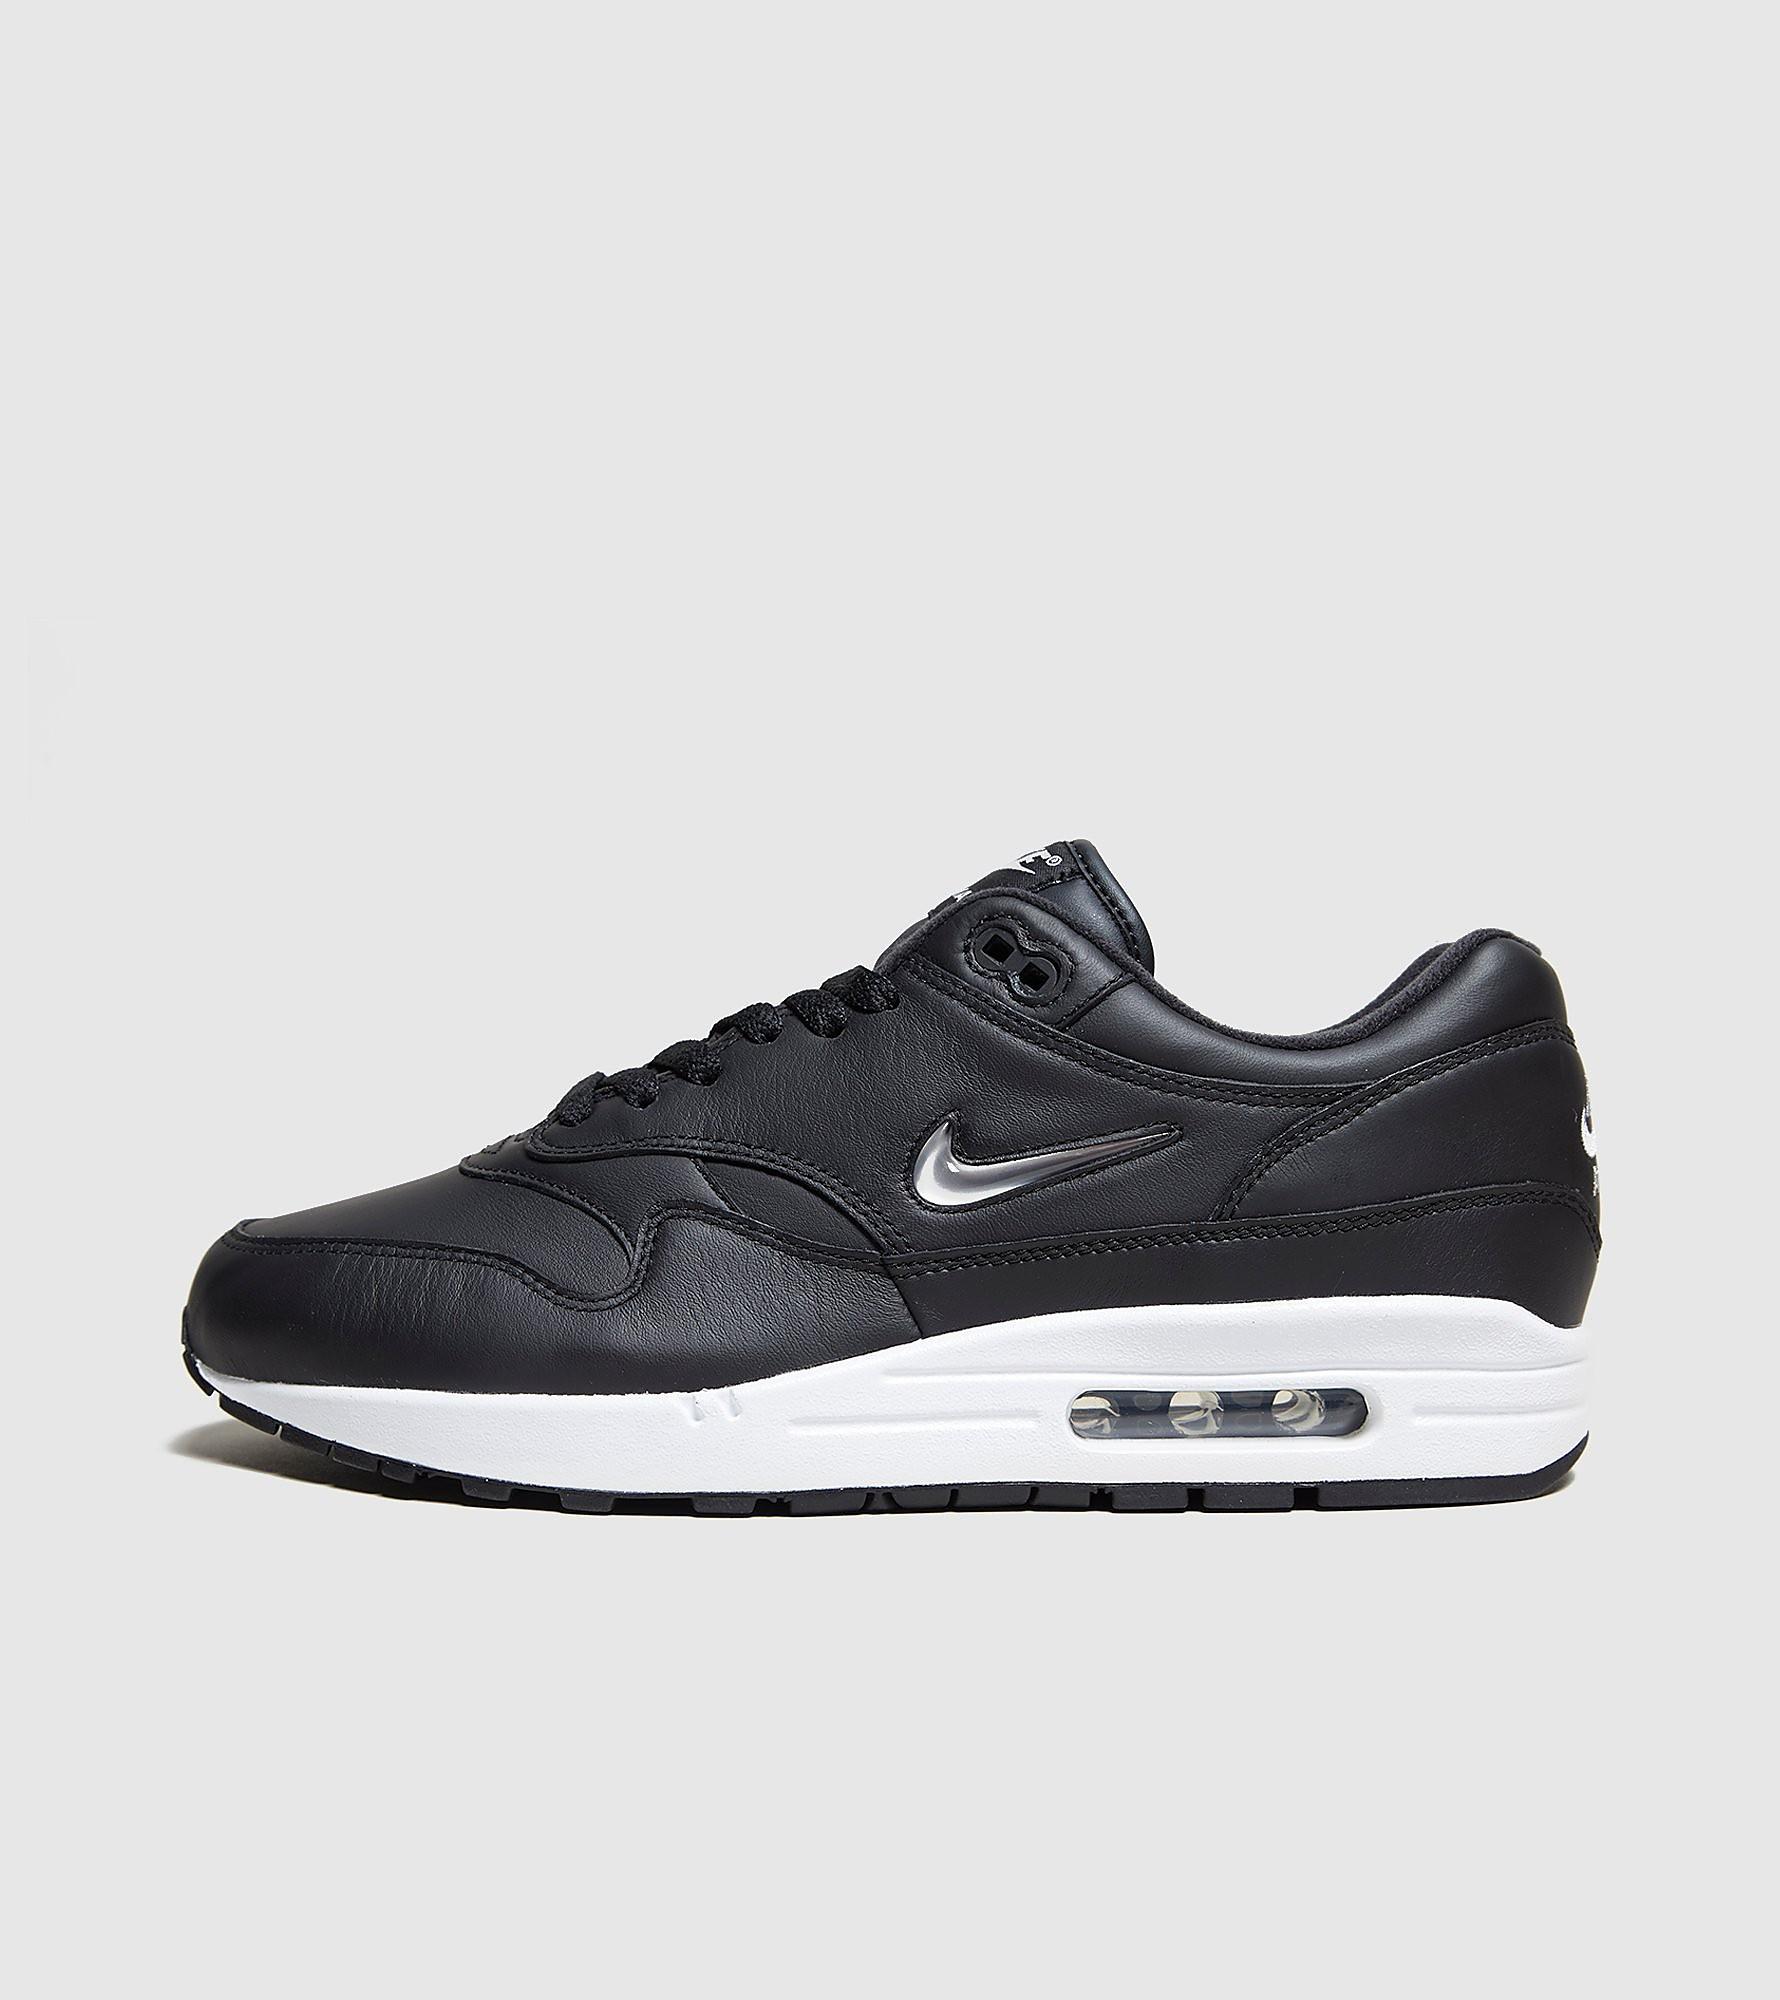 Nike Air Max 1 Jewel Premium